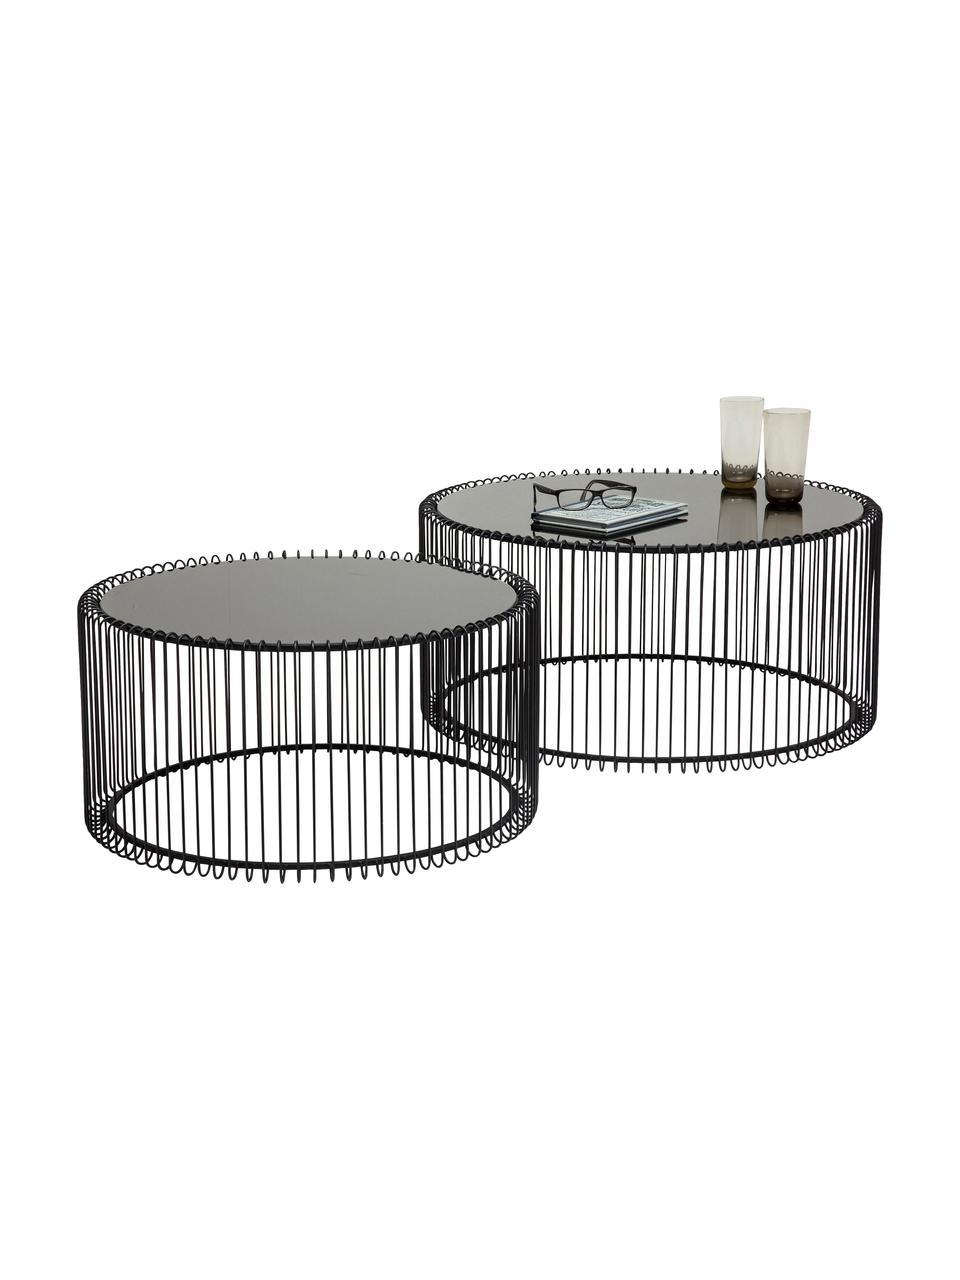 Komplet stolików kawowych z metalu ze szklanym blatem Wire, 2 elem., Stelaż: metal malowany proszkowo, Blat: szkło hartowane, foliowan, Czarny, Komplet z różnymi rozmiarami